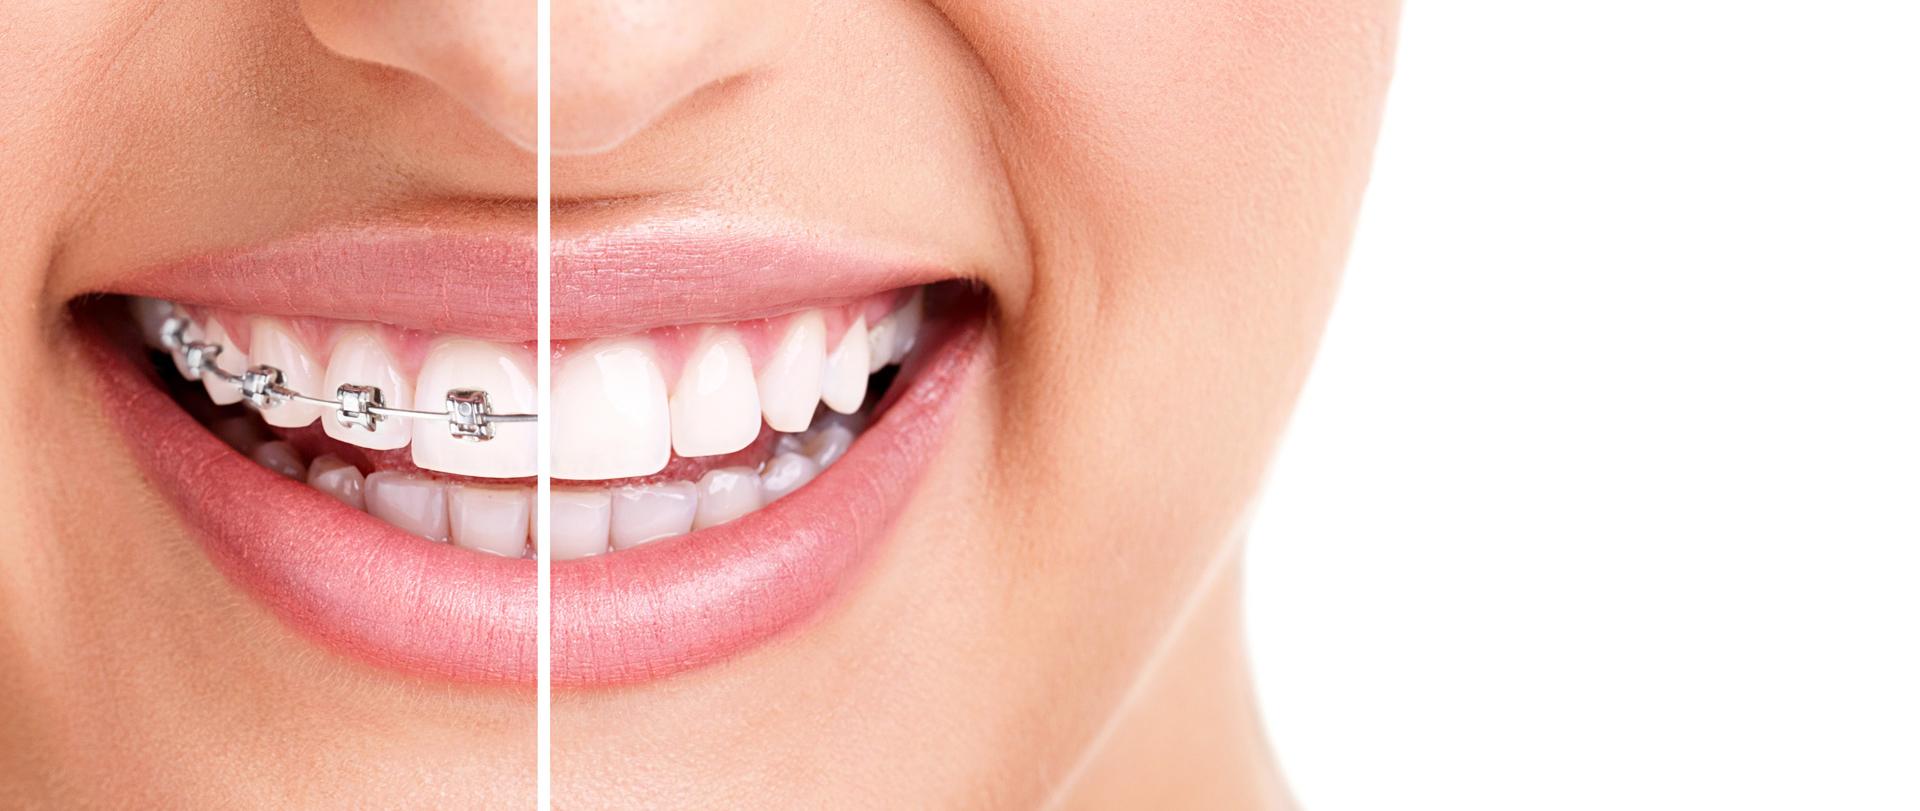 Lingvalni zobni aparat